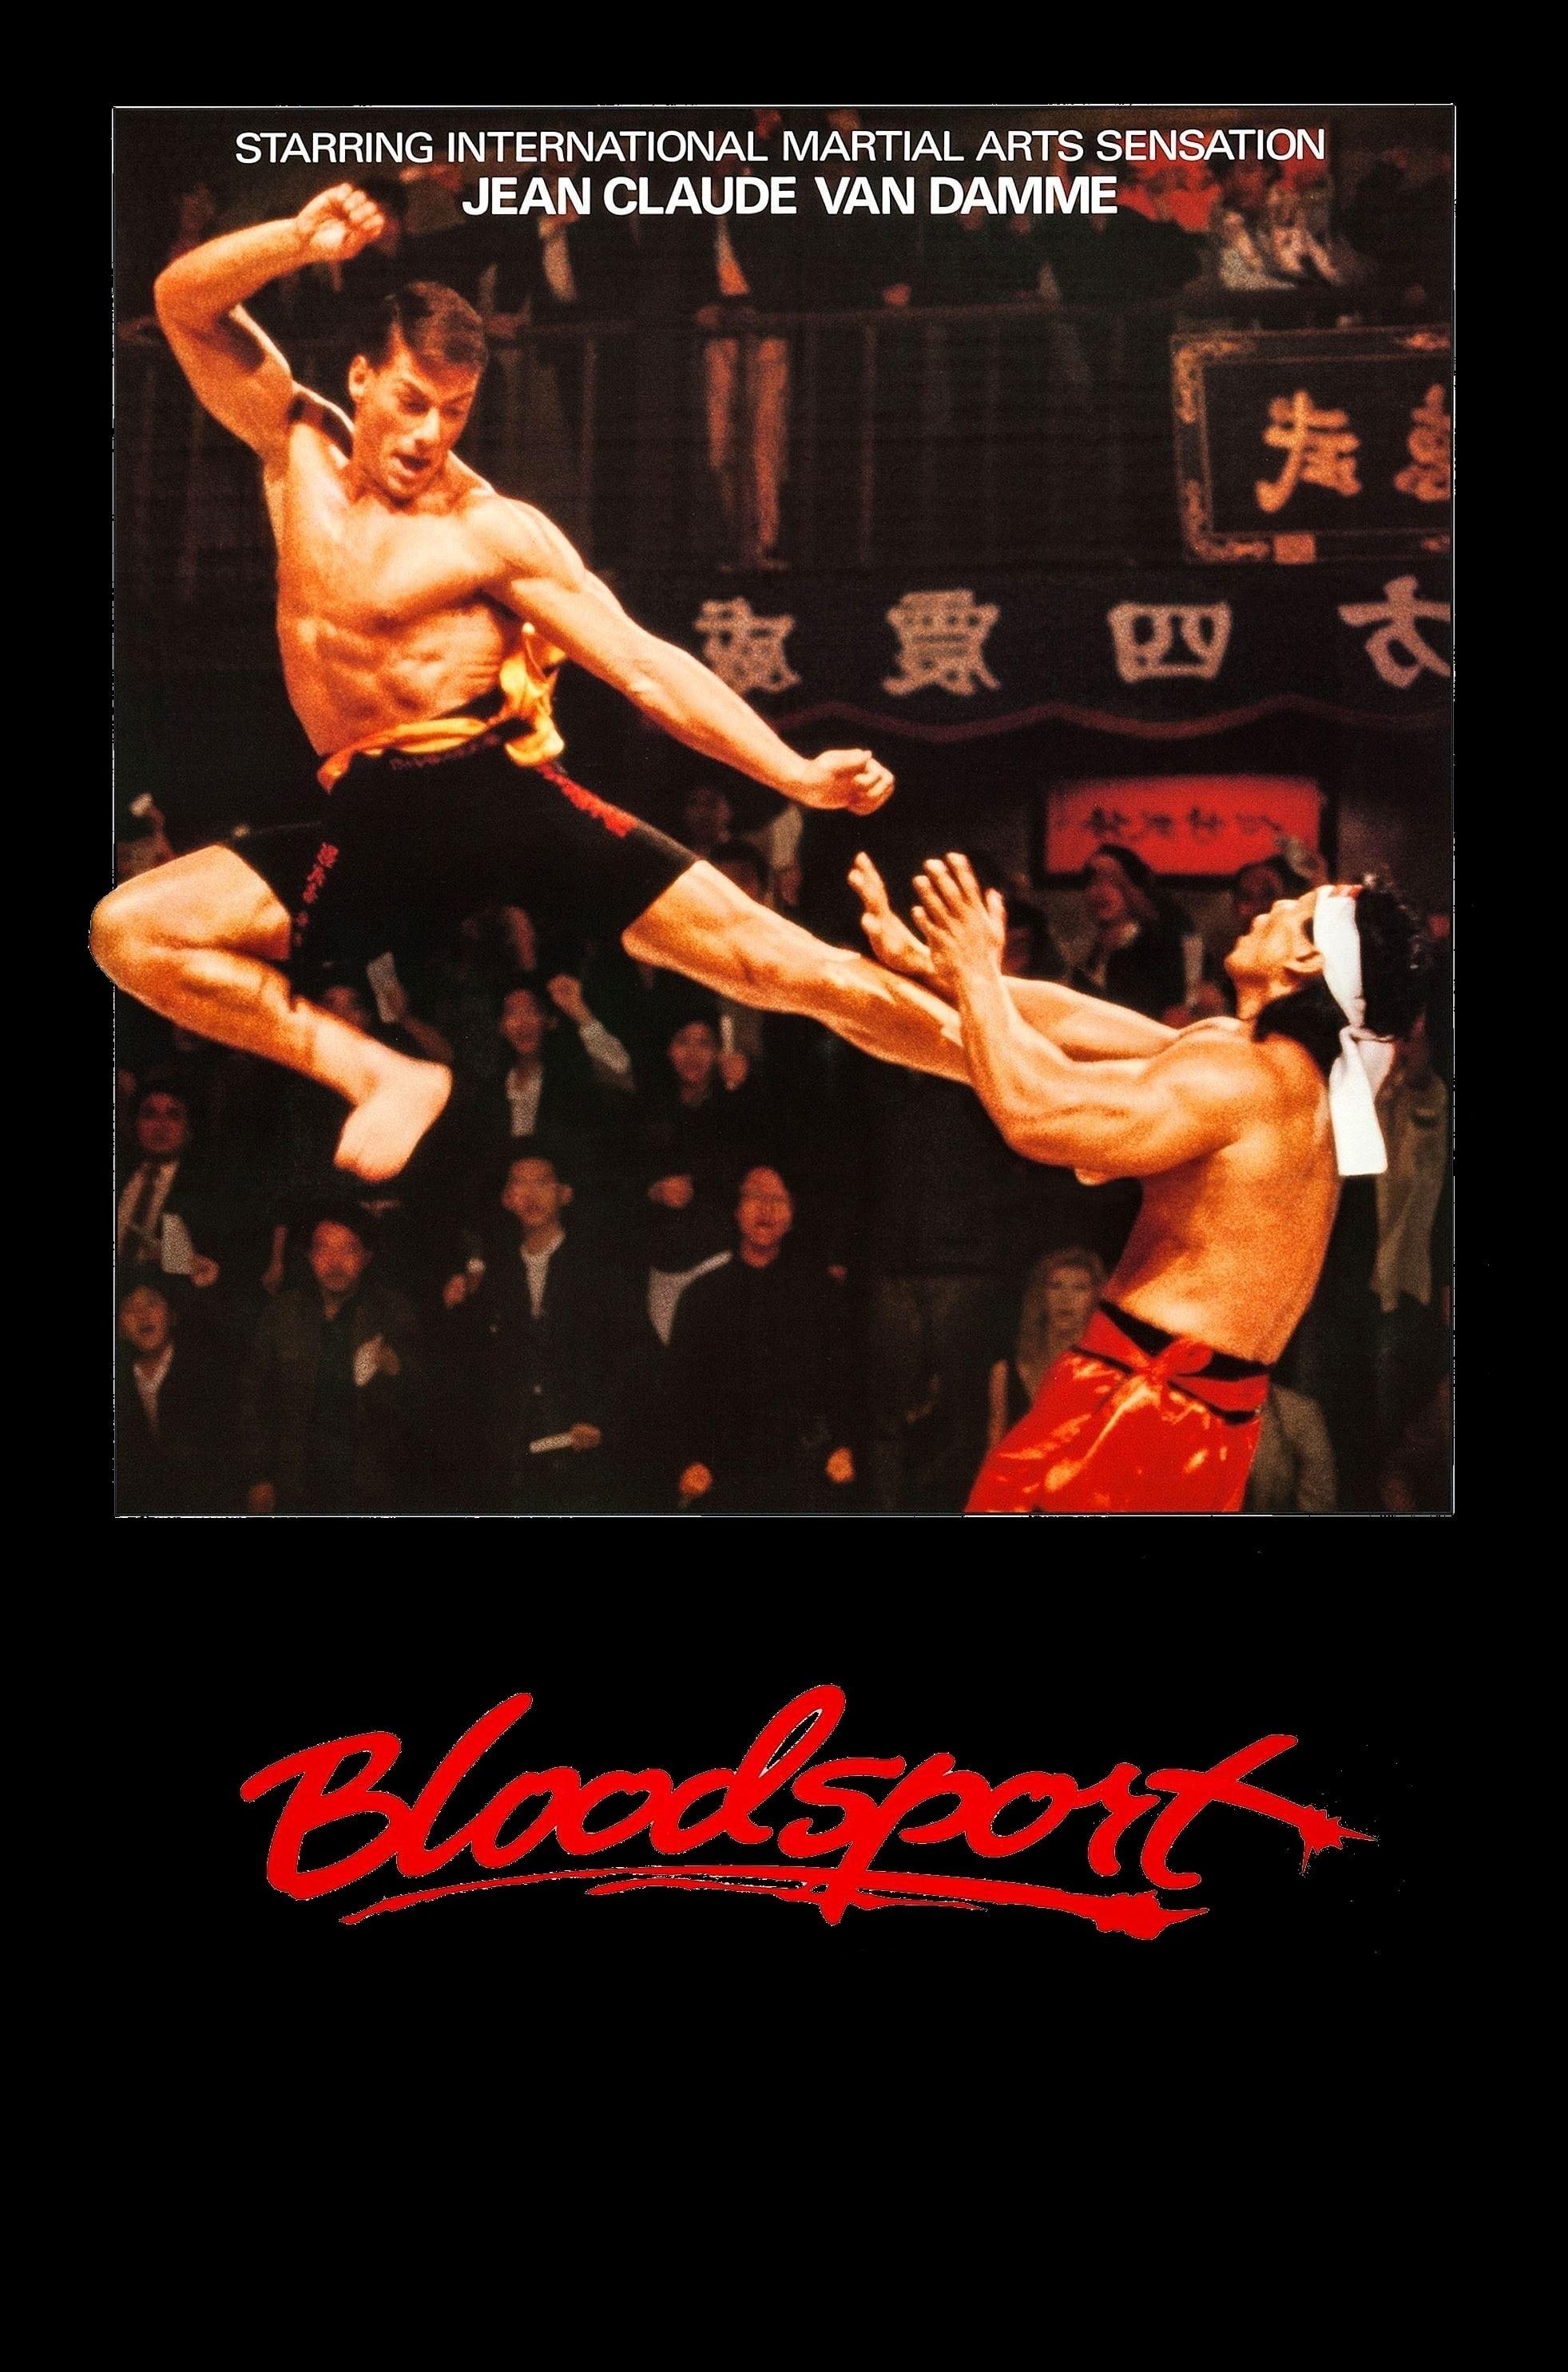 Bloodsport Film